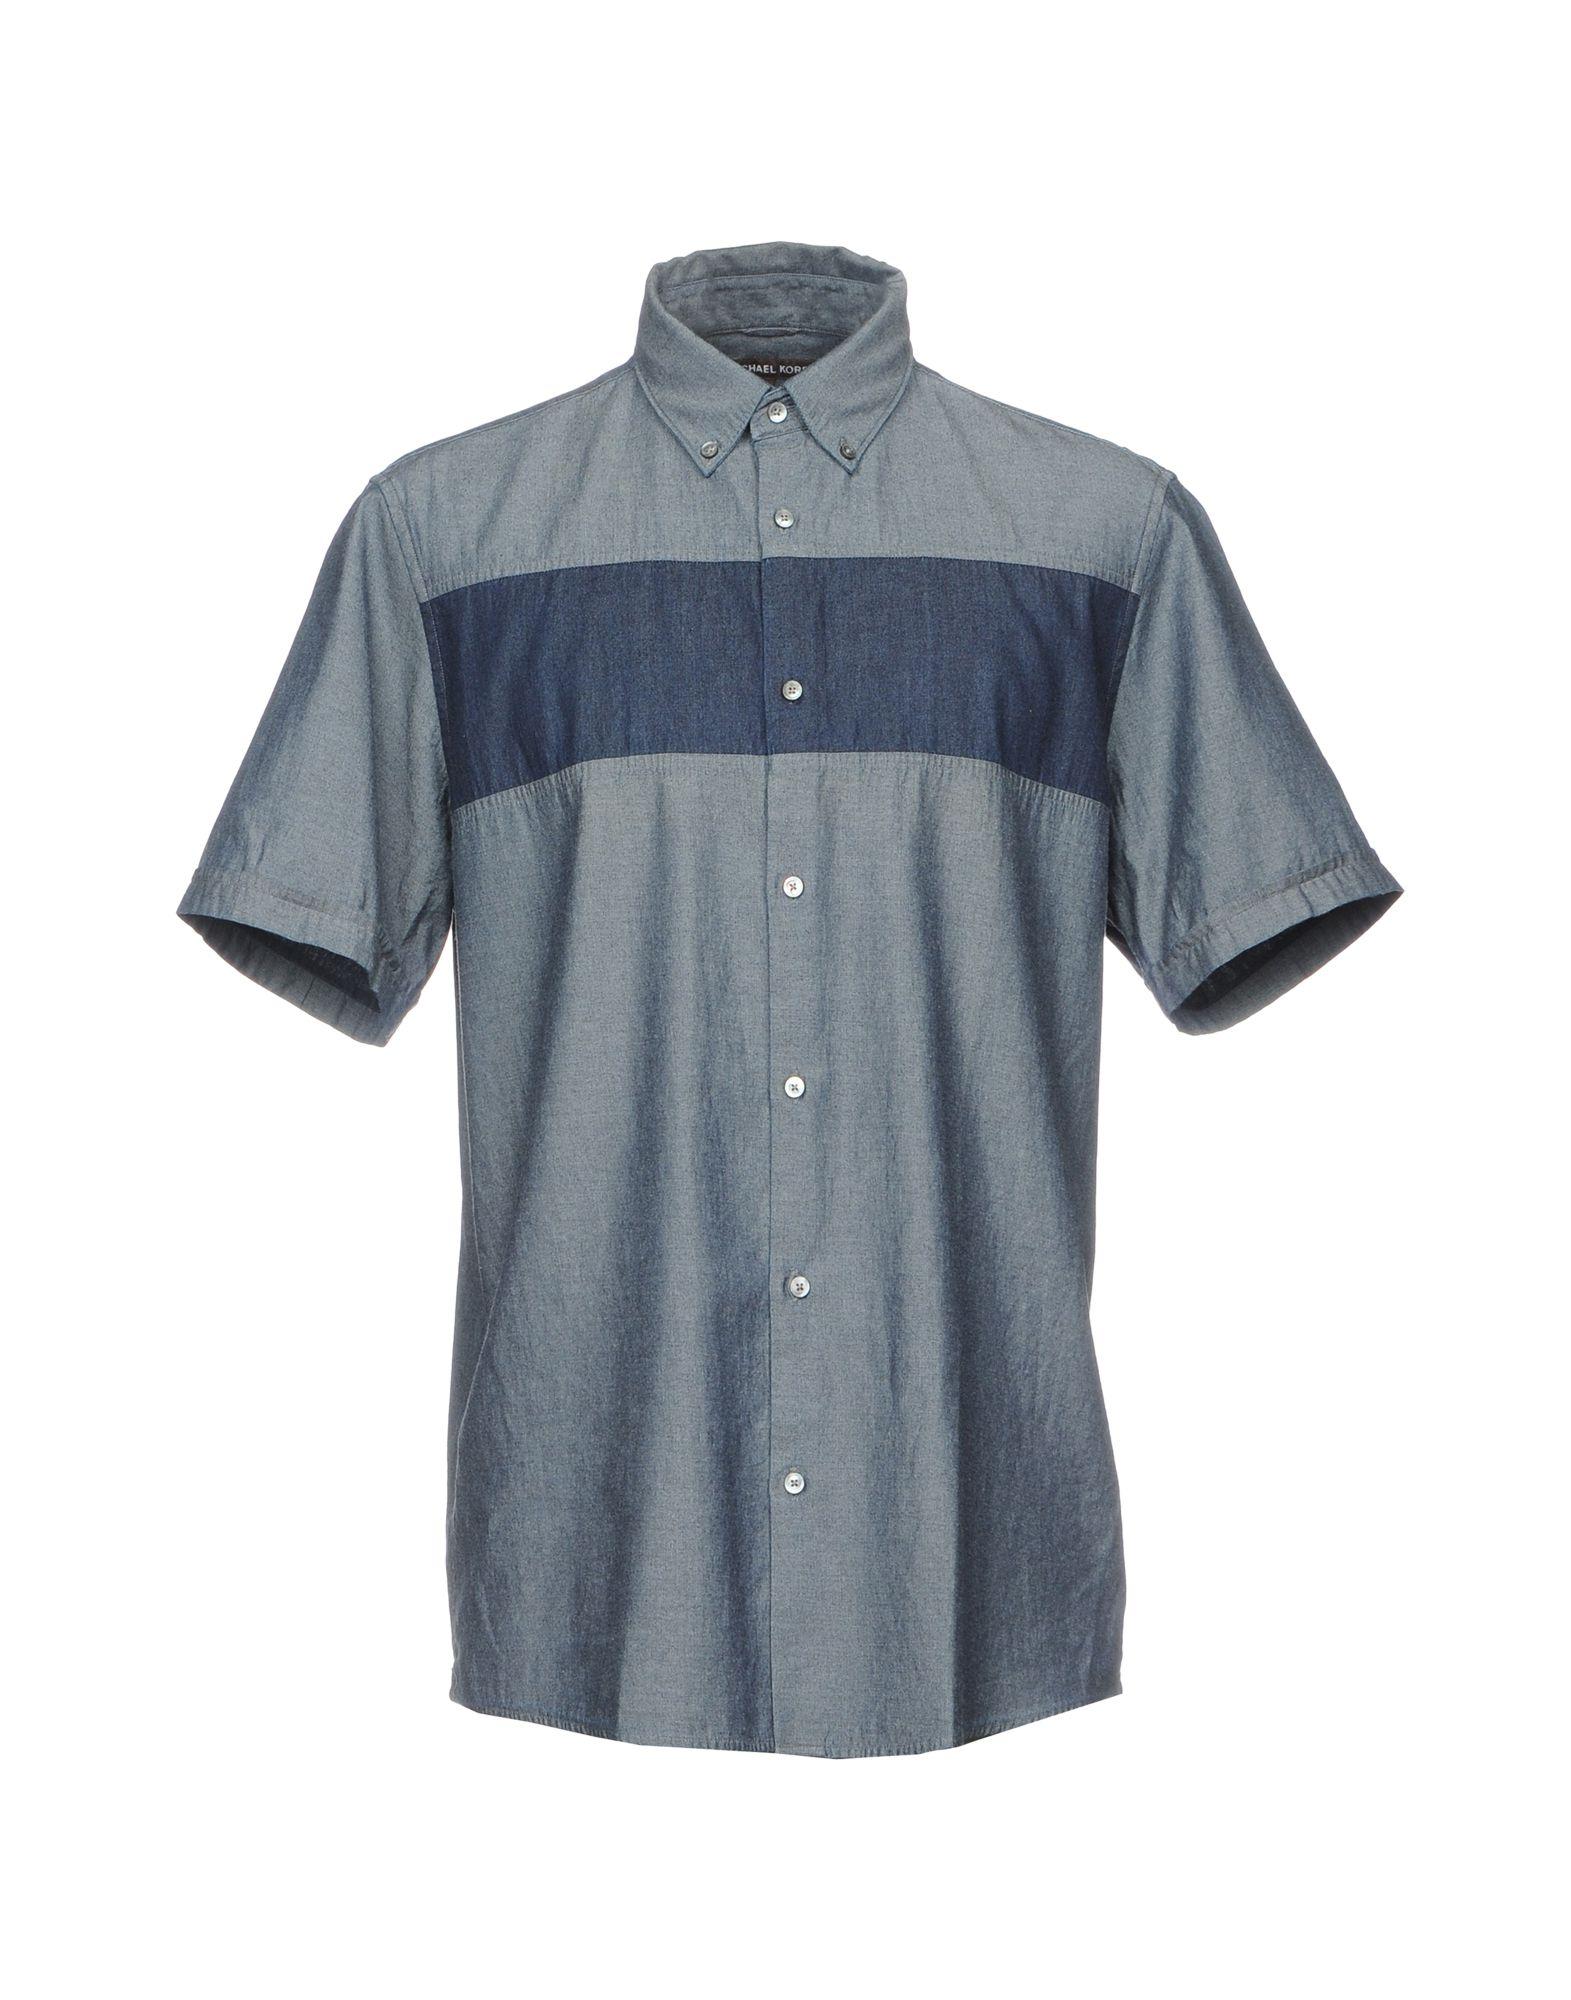 Фото - MICHAEL KORS Джинсовая рубашка брошь blucome bijouteria esmaltes 7106100495